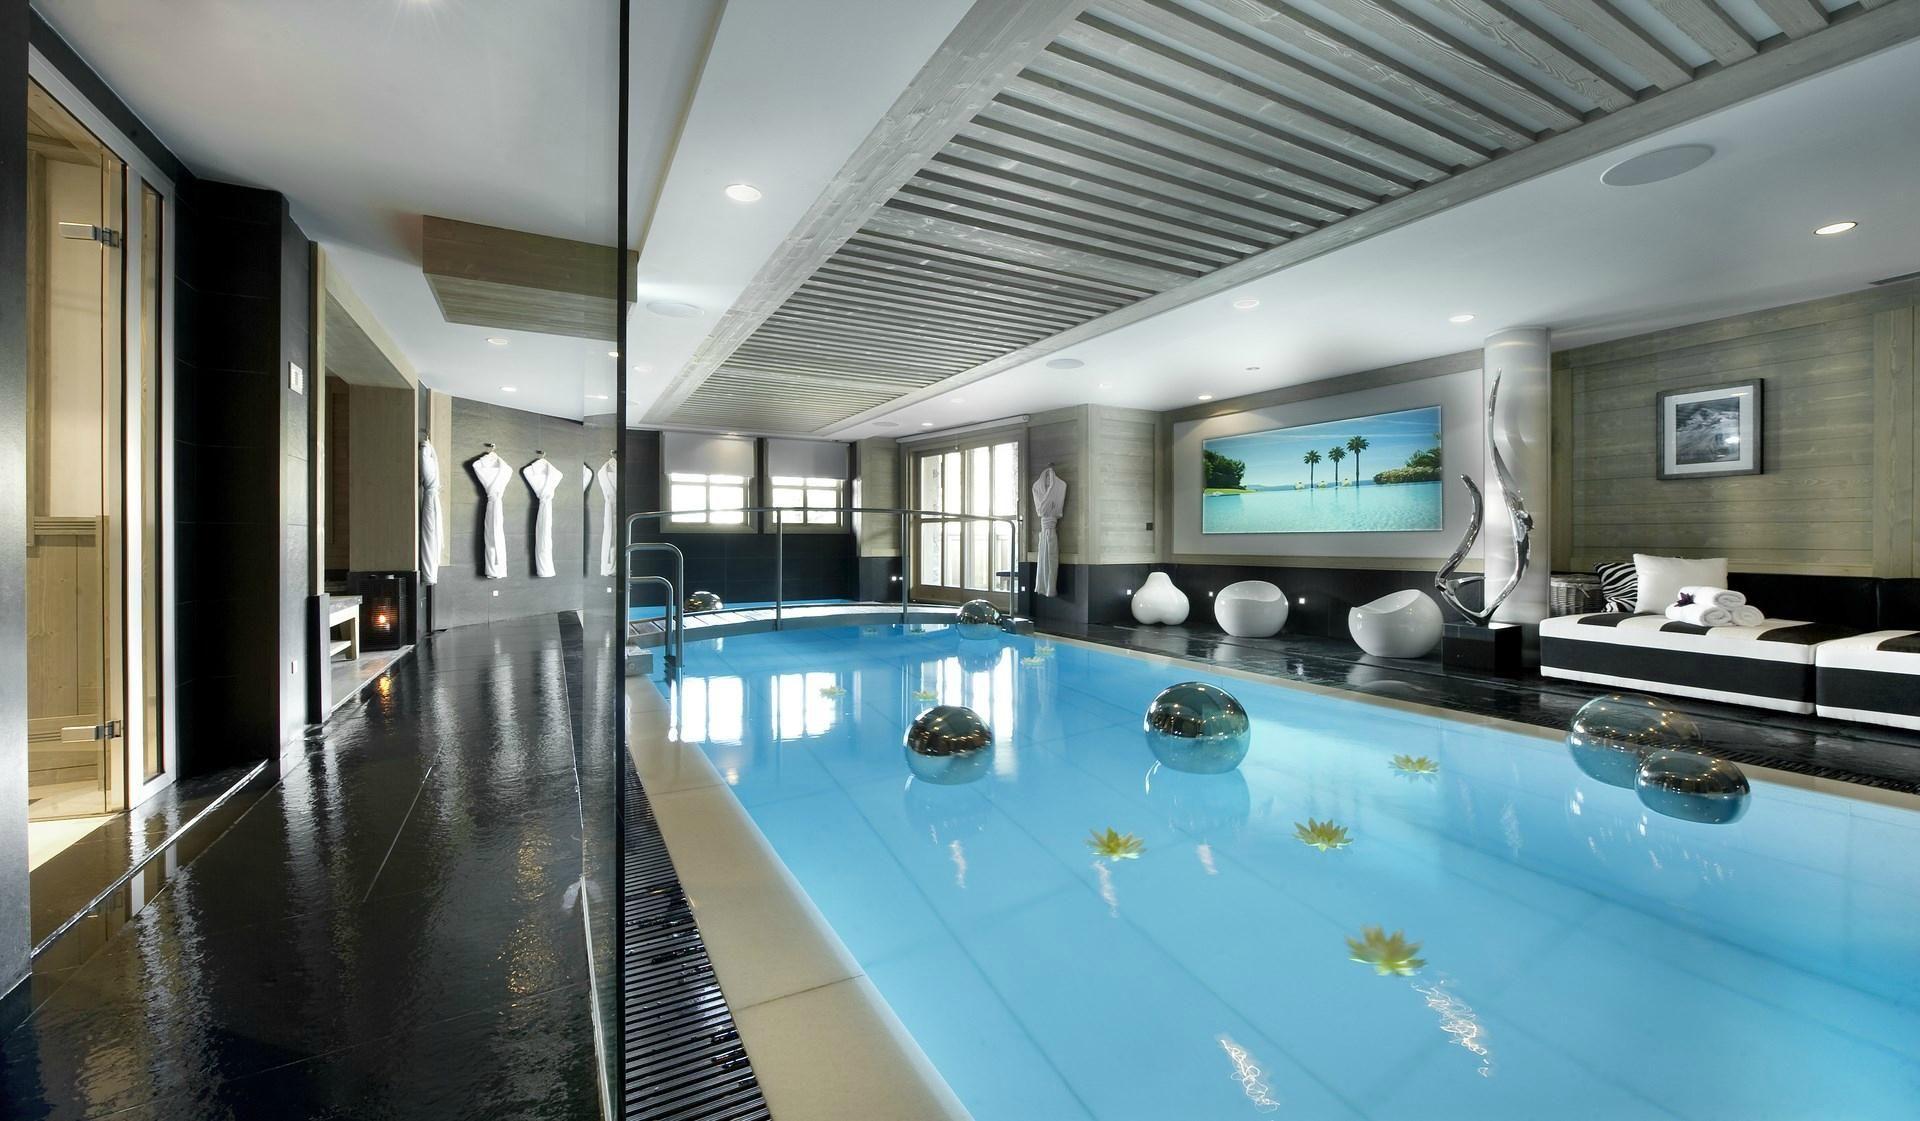 Hôtel Le K2 Hotel (Courchevel) : voir 12 avis et 110 photos ...